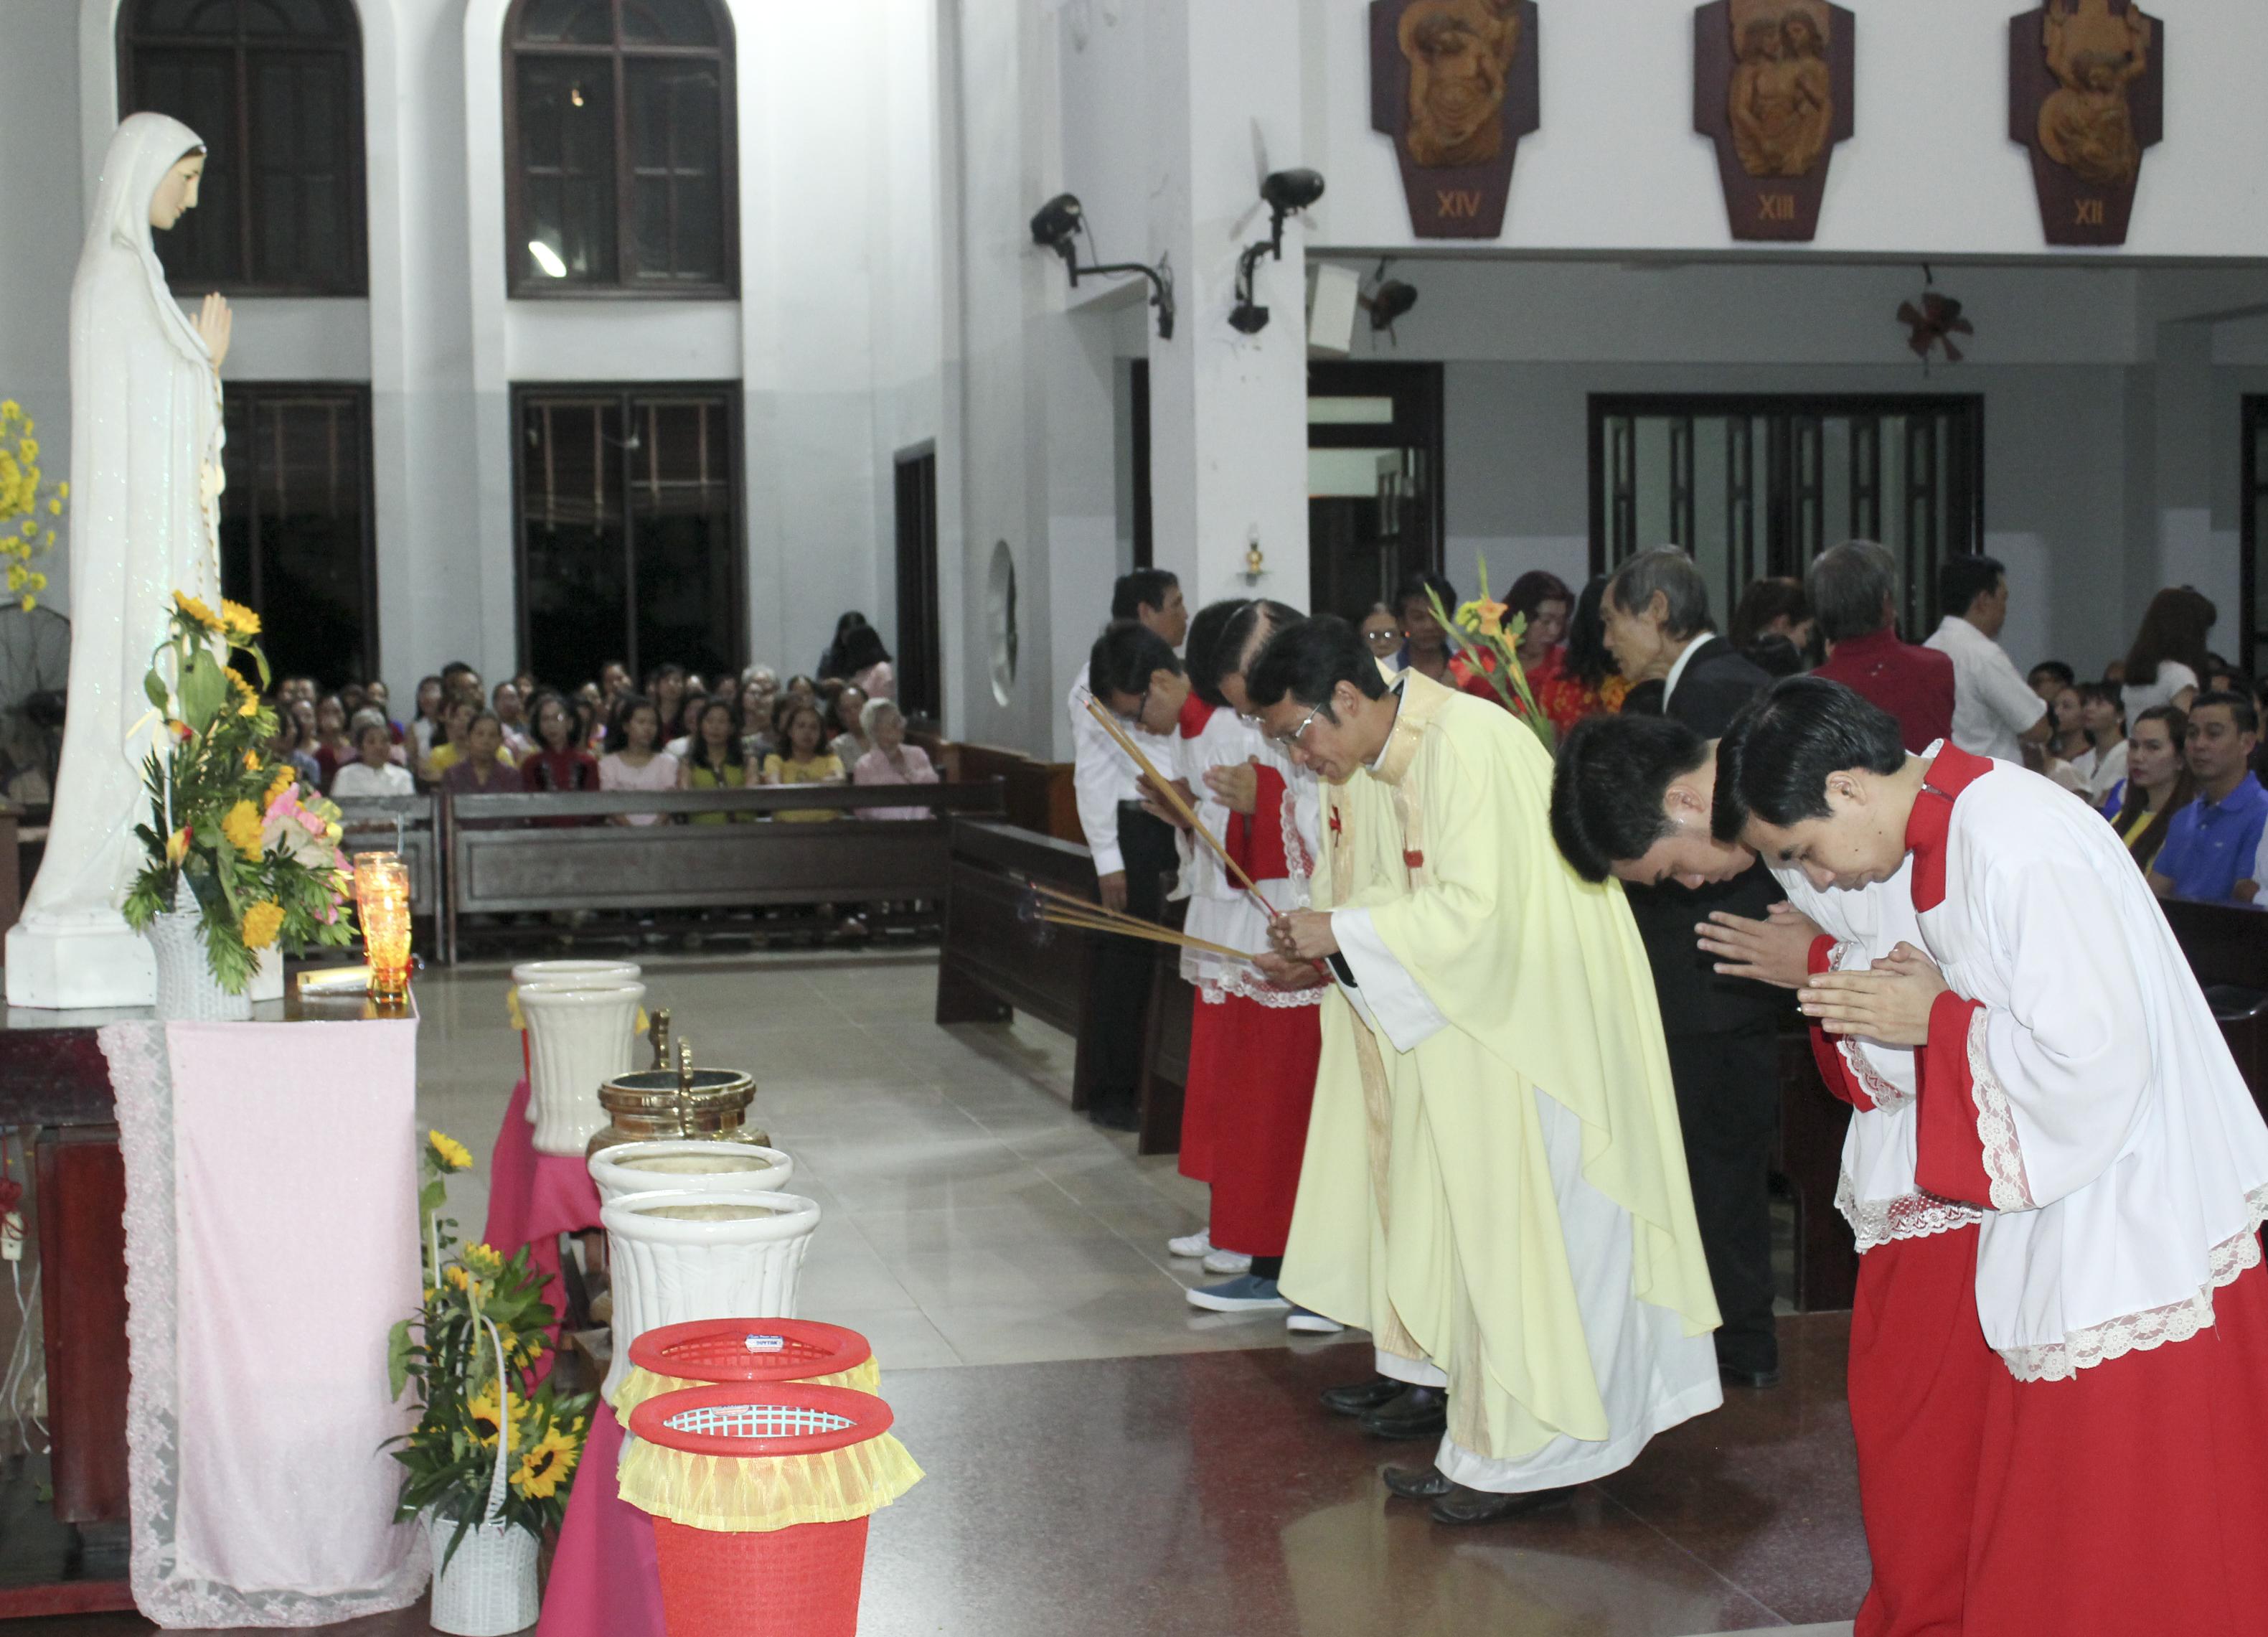 Giáo Dân Tân Thái Sơn Mừng Tết Đinh Dậu 2017 - Lễ Tân Niên, Tết Đức Mẹ